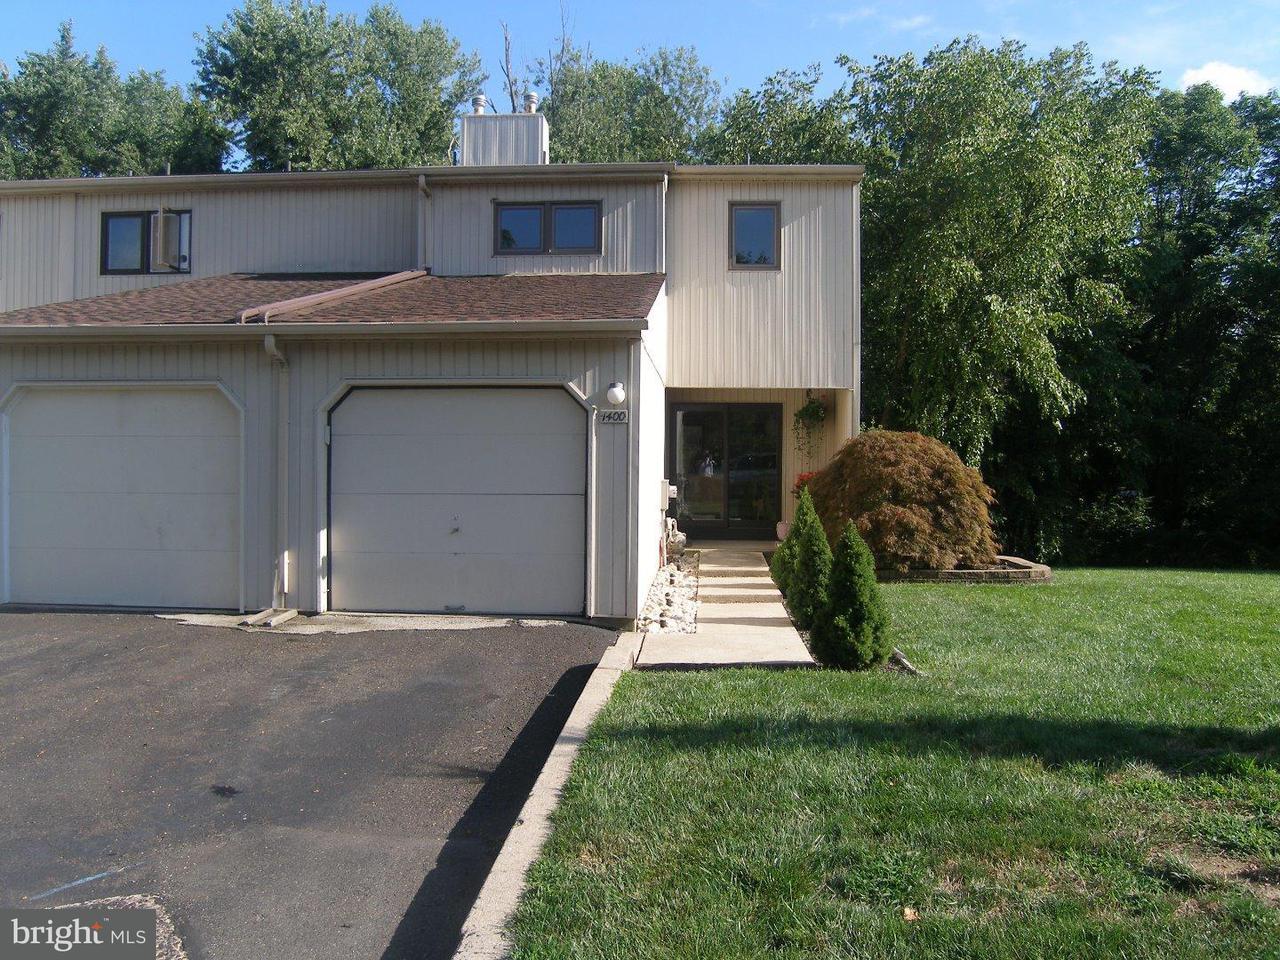 联栋屋 为 出租 在 1400 SENECA RUN 安布勒, 宾夕法尼亚州 19002 美国